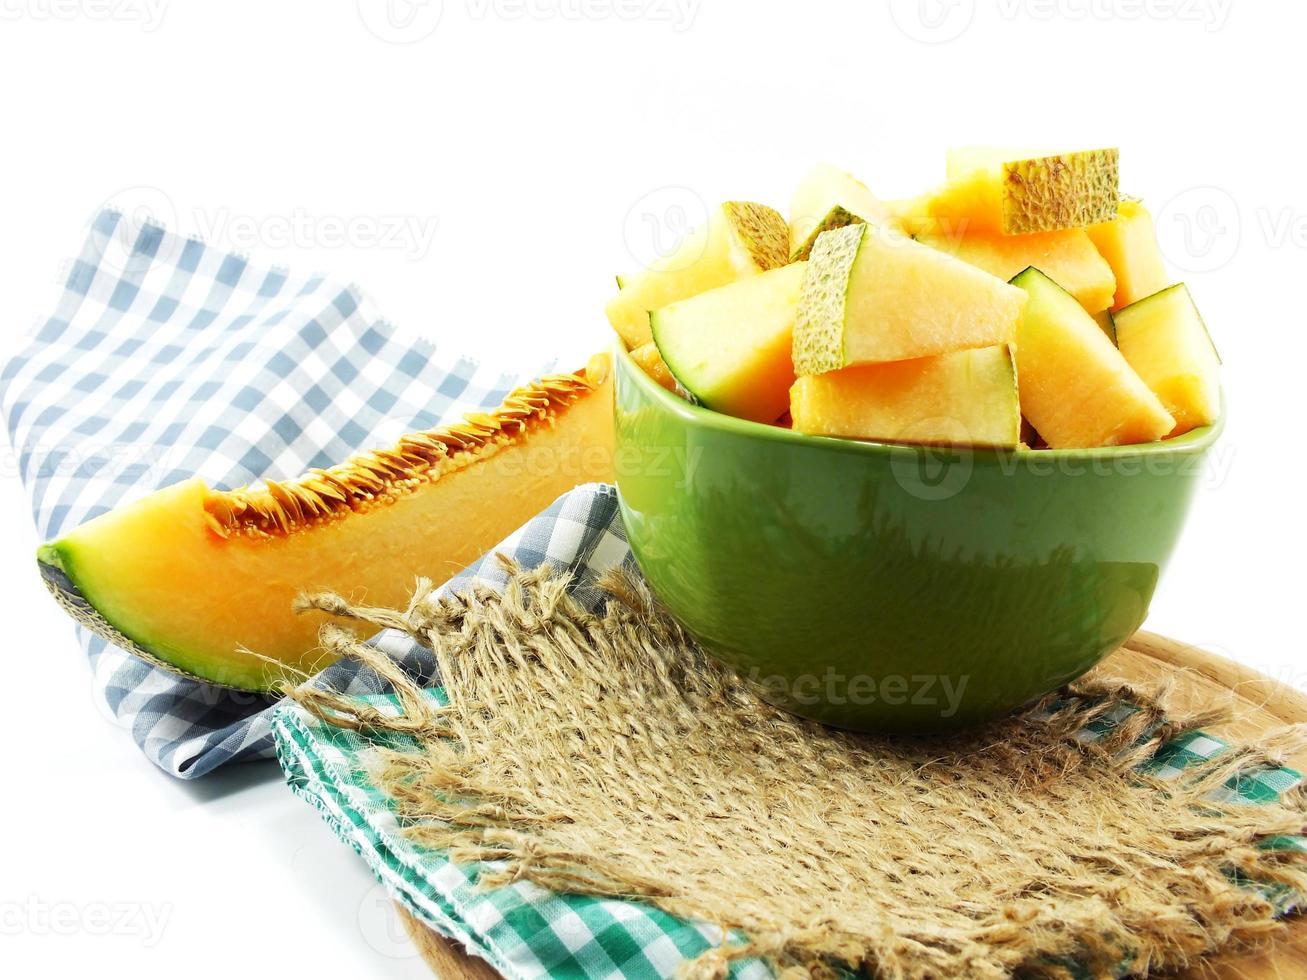 stretta di fette di melone cantalupo foto